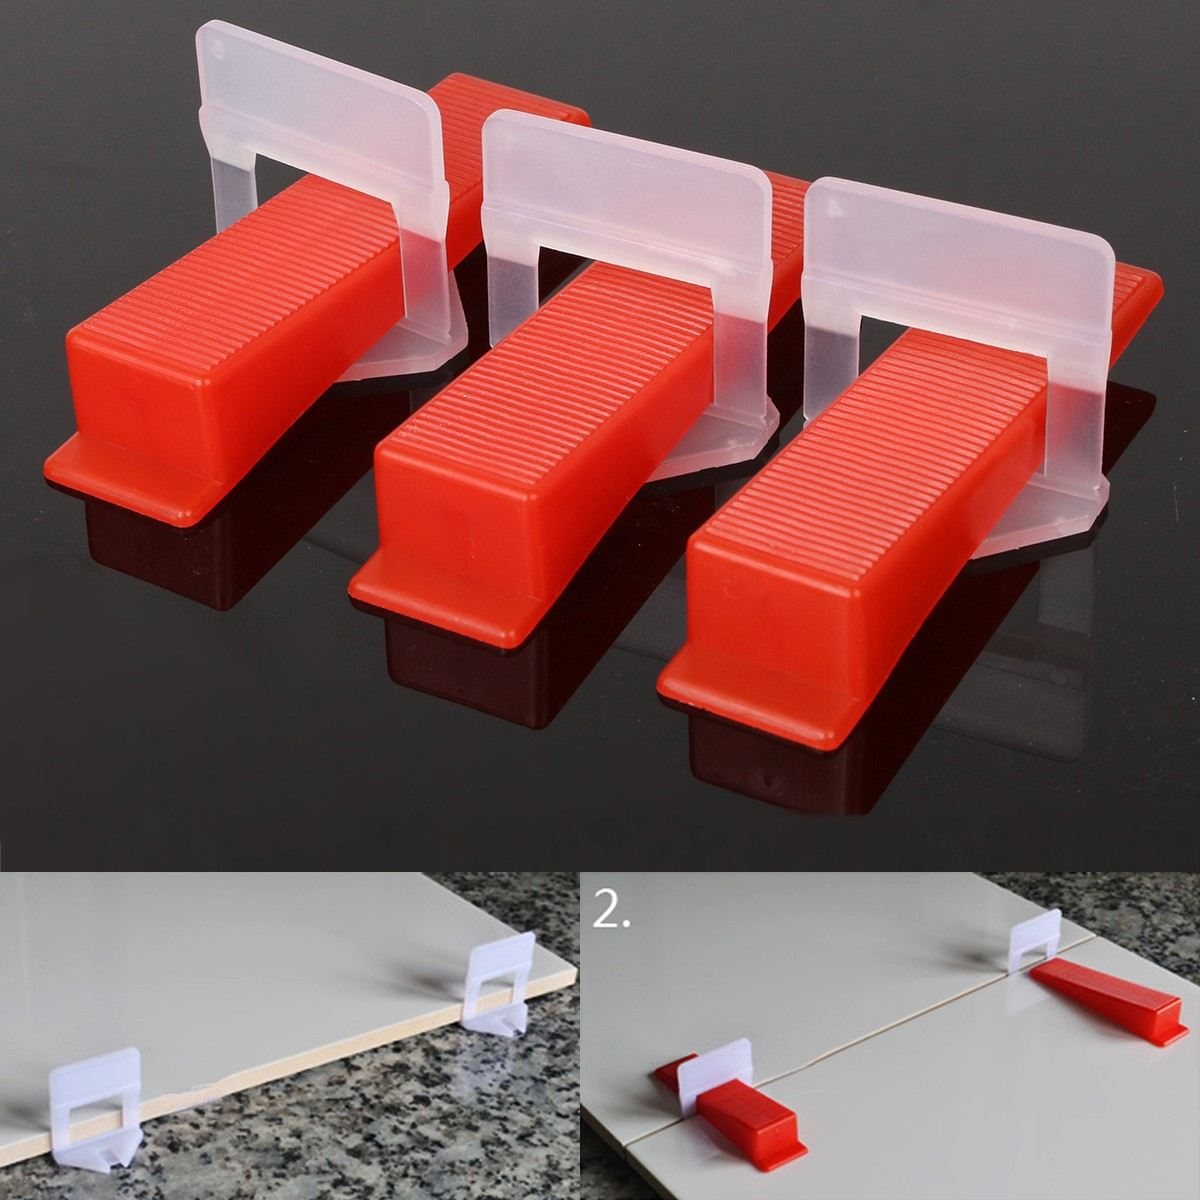 Hochwertige Fliesen Nivellierung System 50x Clips 50 Keile Kunststoffabstandhalter Fliesen Werkzeuge Rot Weiß